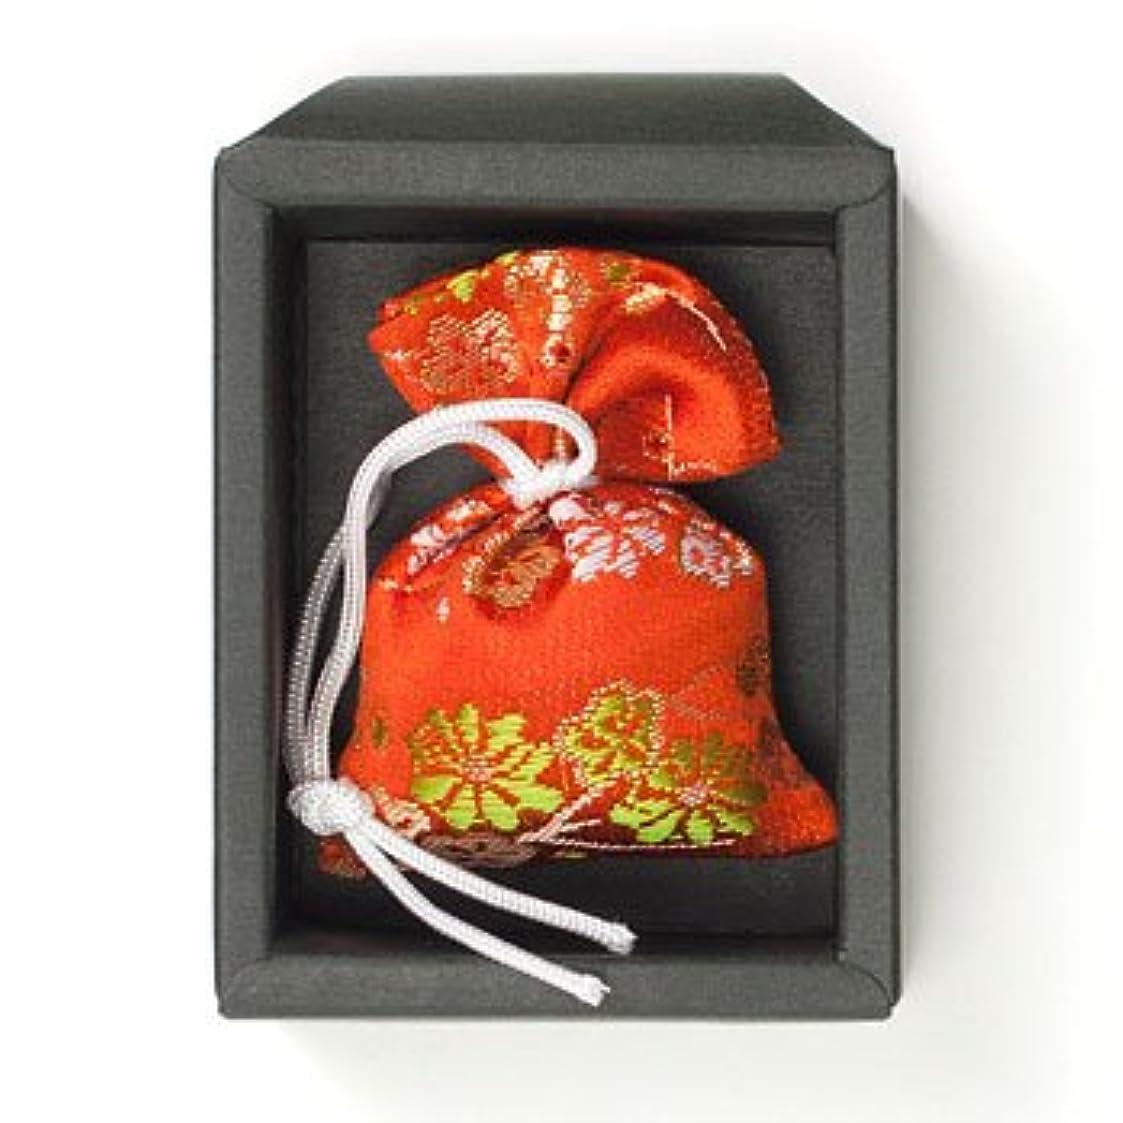 そのゆりスマイル匂い袋 誰が袖 極品 1個入 松栄堂 Shoyeido 本体長さ60mm (色?柄は選べません)